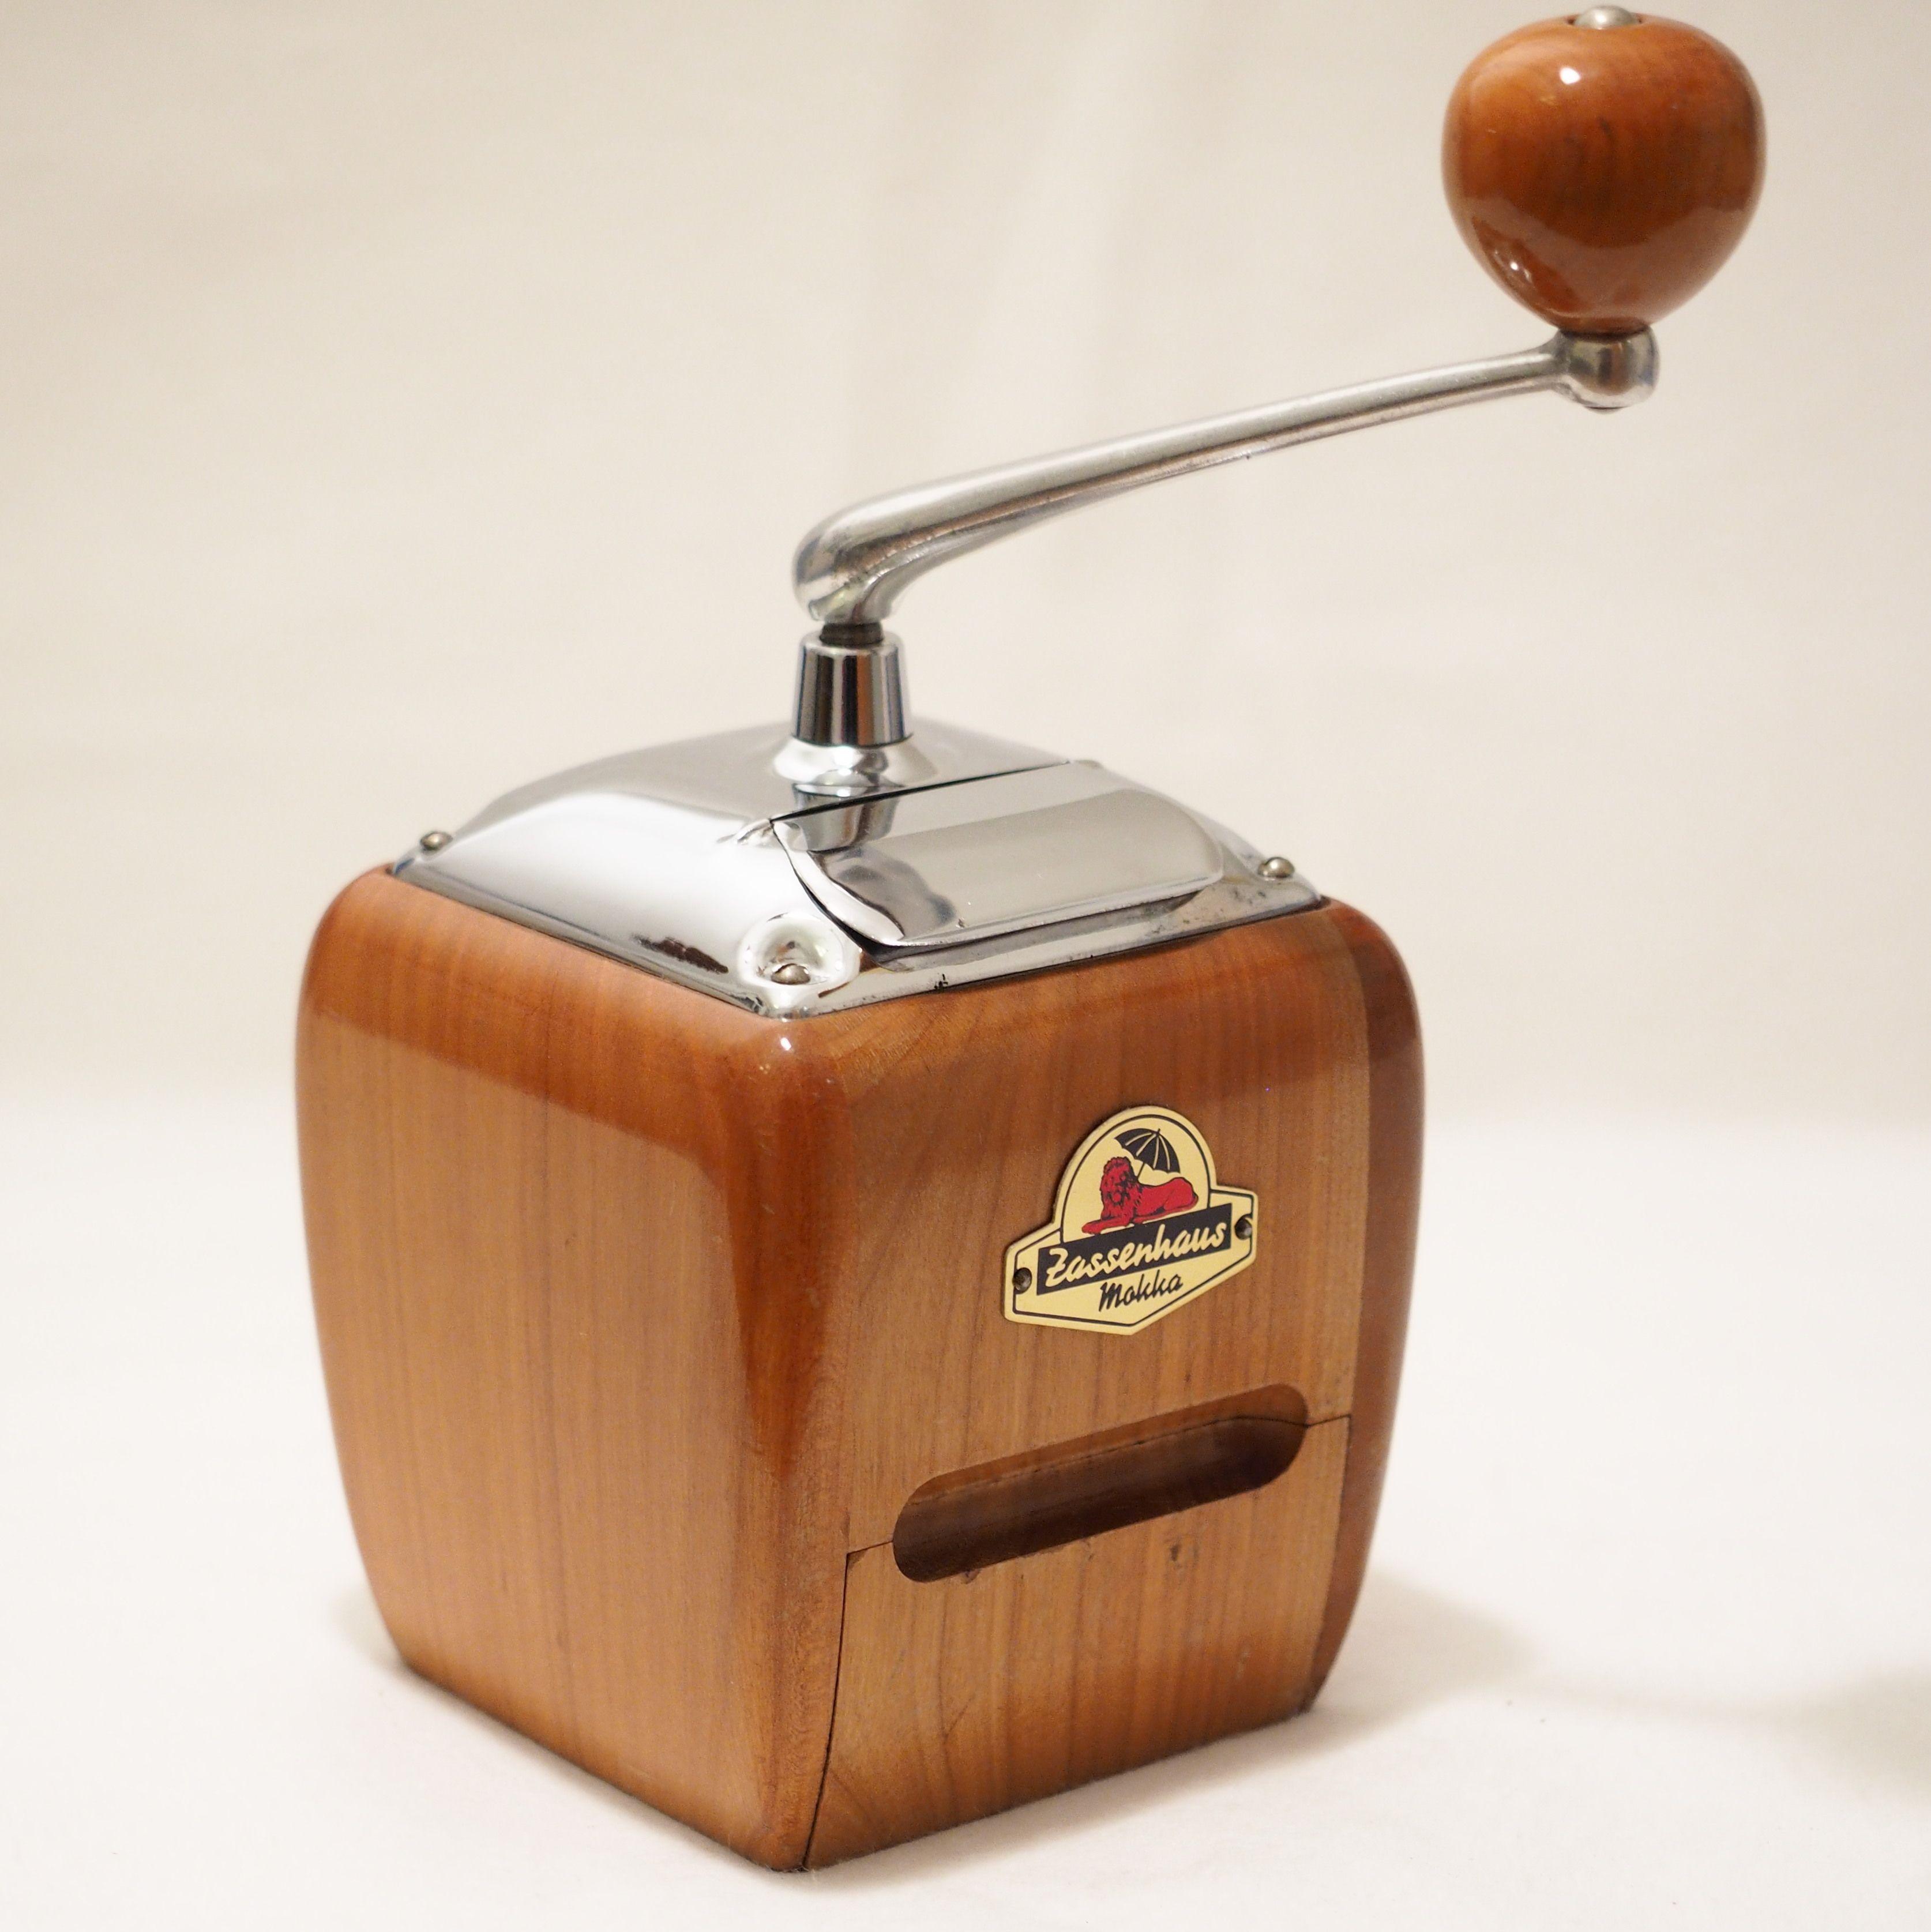 Vintage German Coffee Grinders The Legandary Zassenhaus Brillant 531 In 2020 Coffee Grinder Vintage Manual Coffee Grinder Coffee